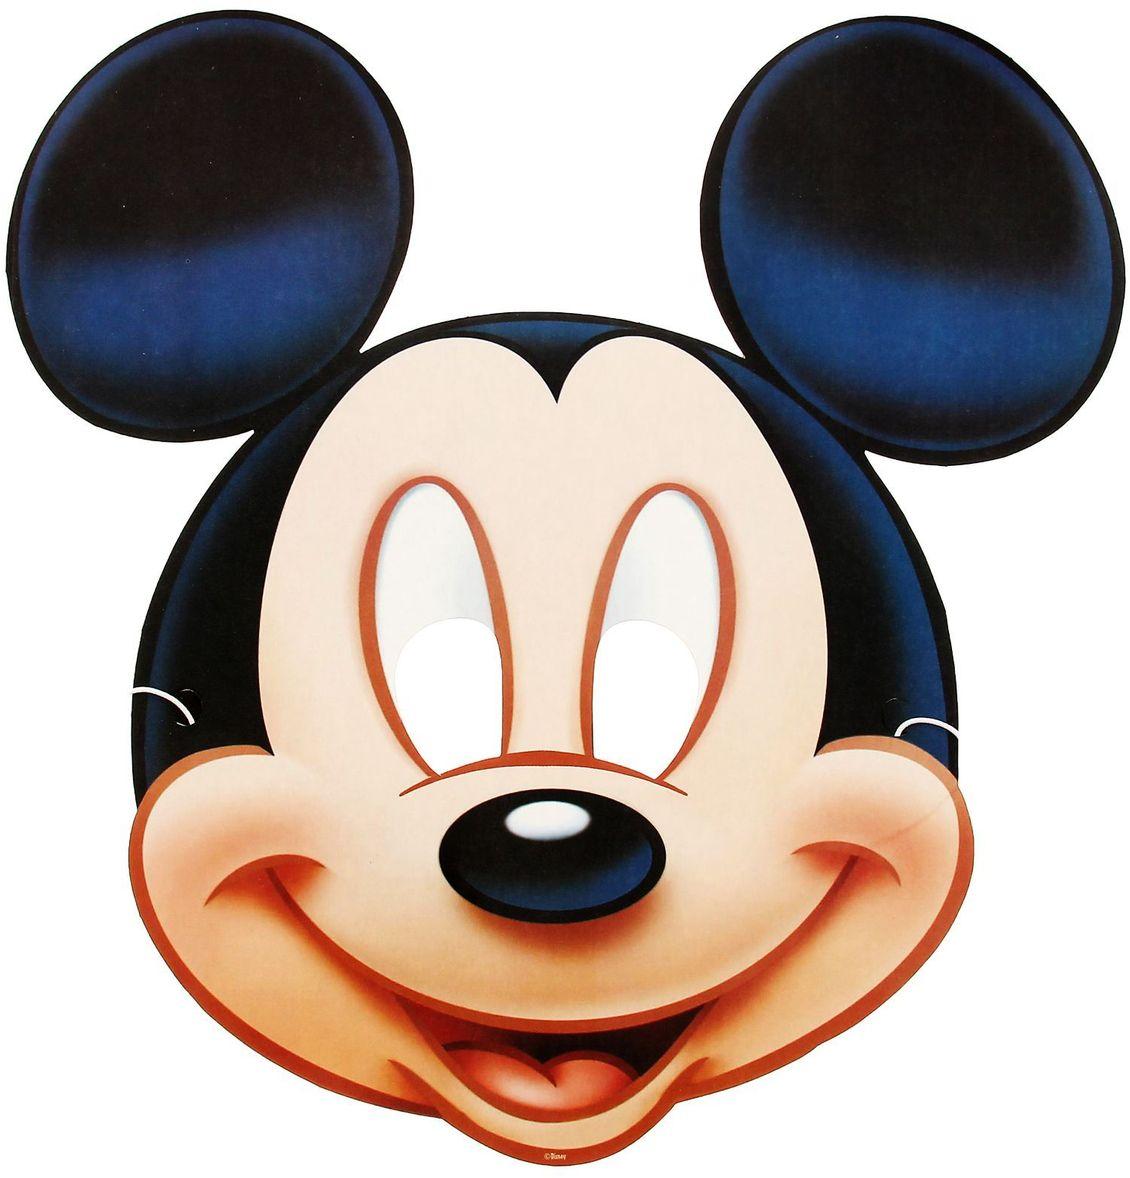 Disney Маска карнавальная детская Микки Маус disney блокнот микки маус ты лучше всех 60 листов